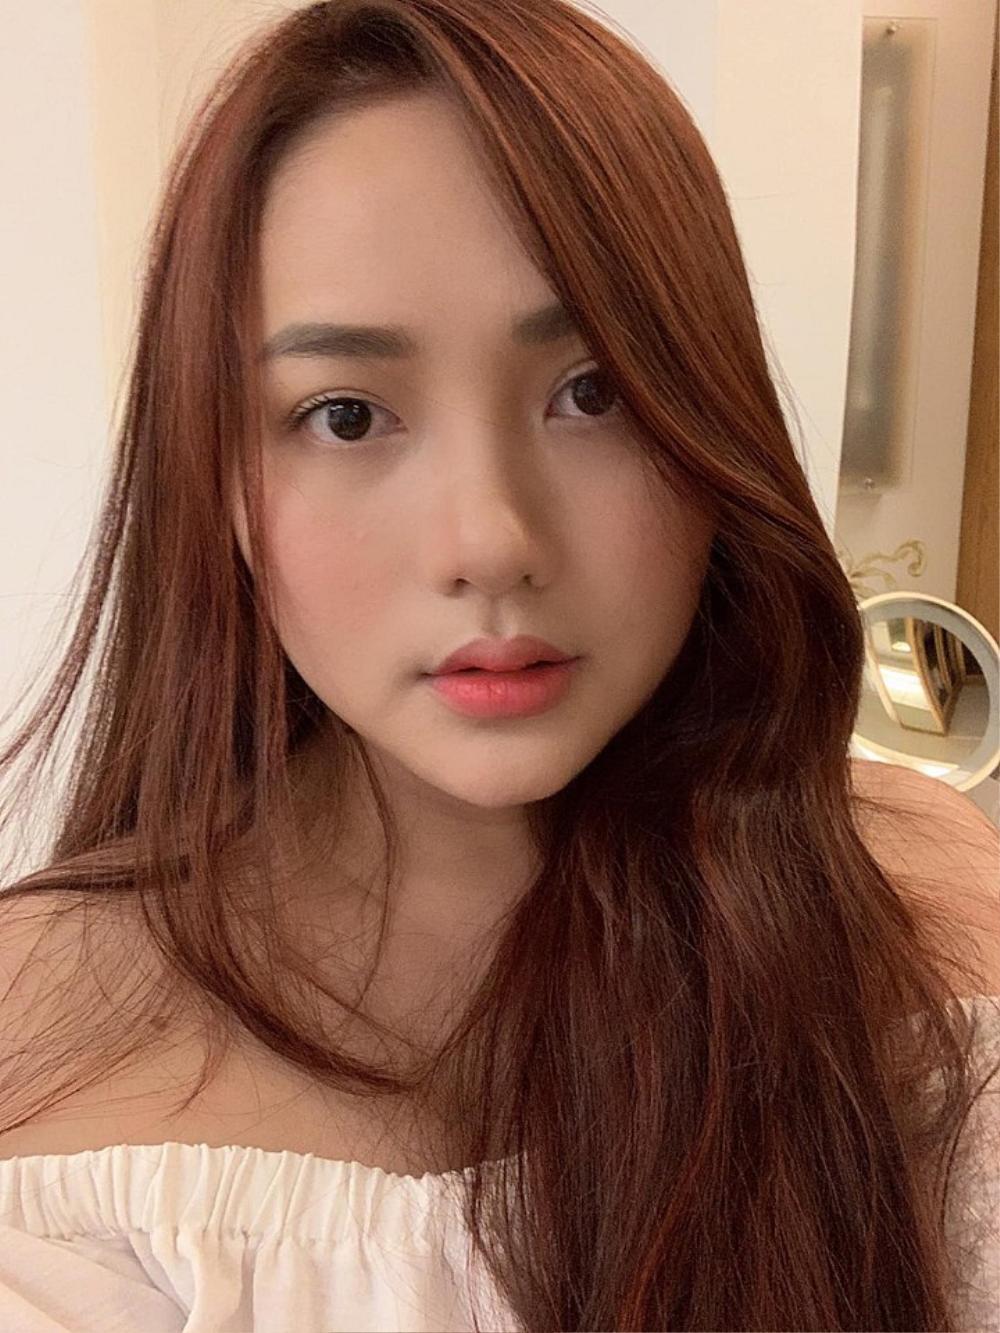 Cựu người mẫu Phan Như Thảo bị kẻ xấu giả mạo tài khoản để lừa bạn bè chuyển khoản hàng trăm triệu đồng Ảnh 2